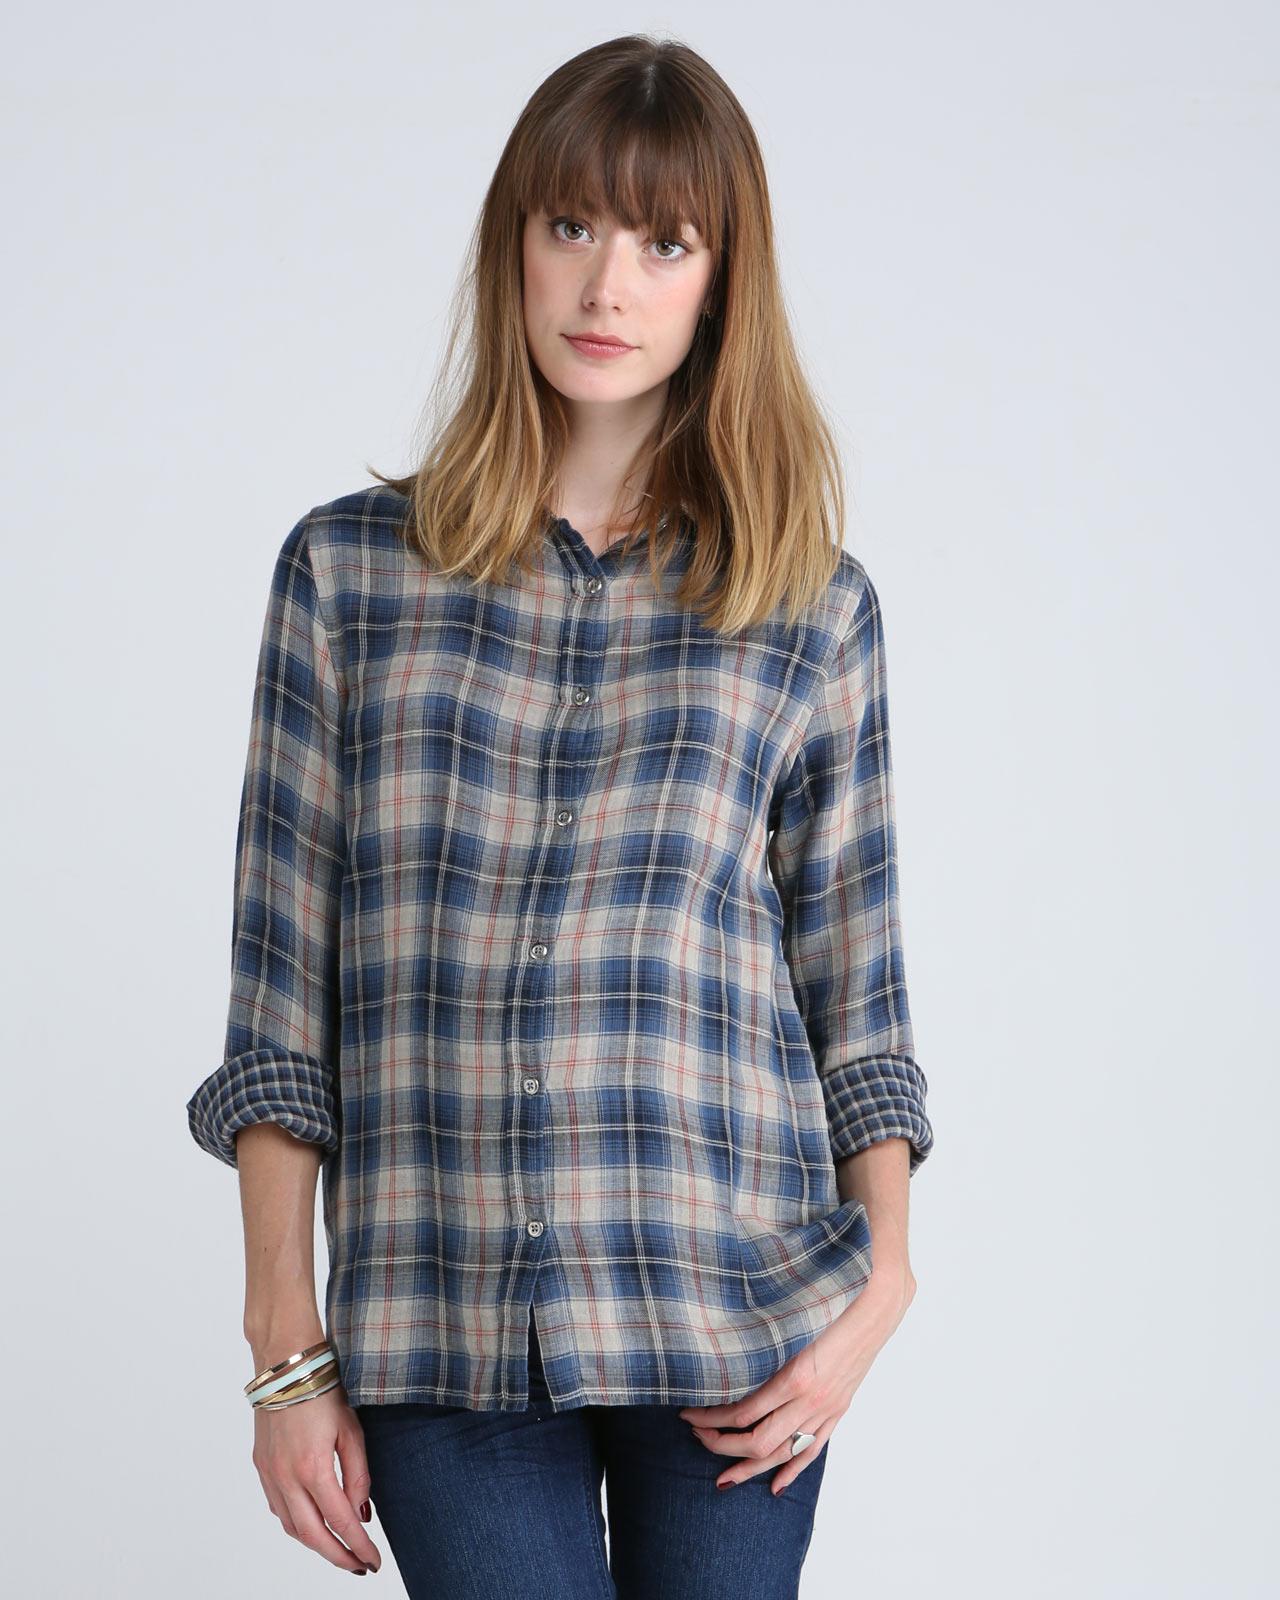 Chemise  à carreaux bleus,  1 et 1 font 3, Emoi Emoi, 110€